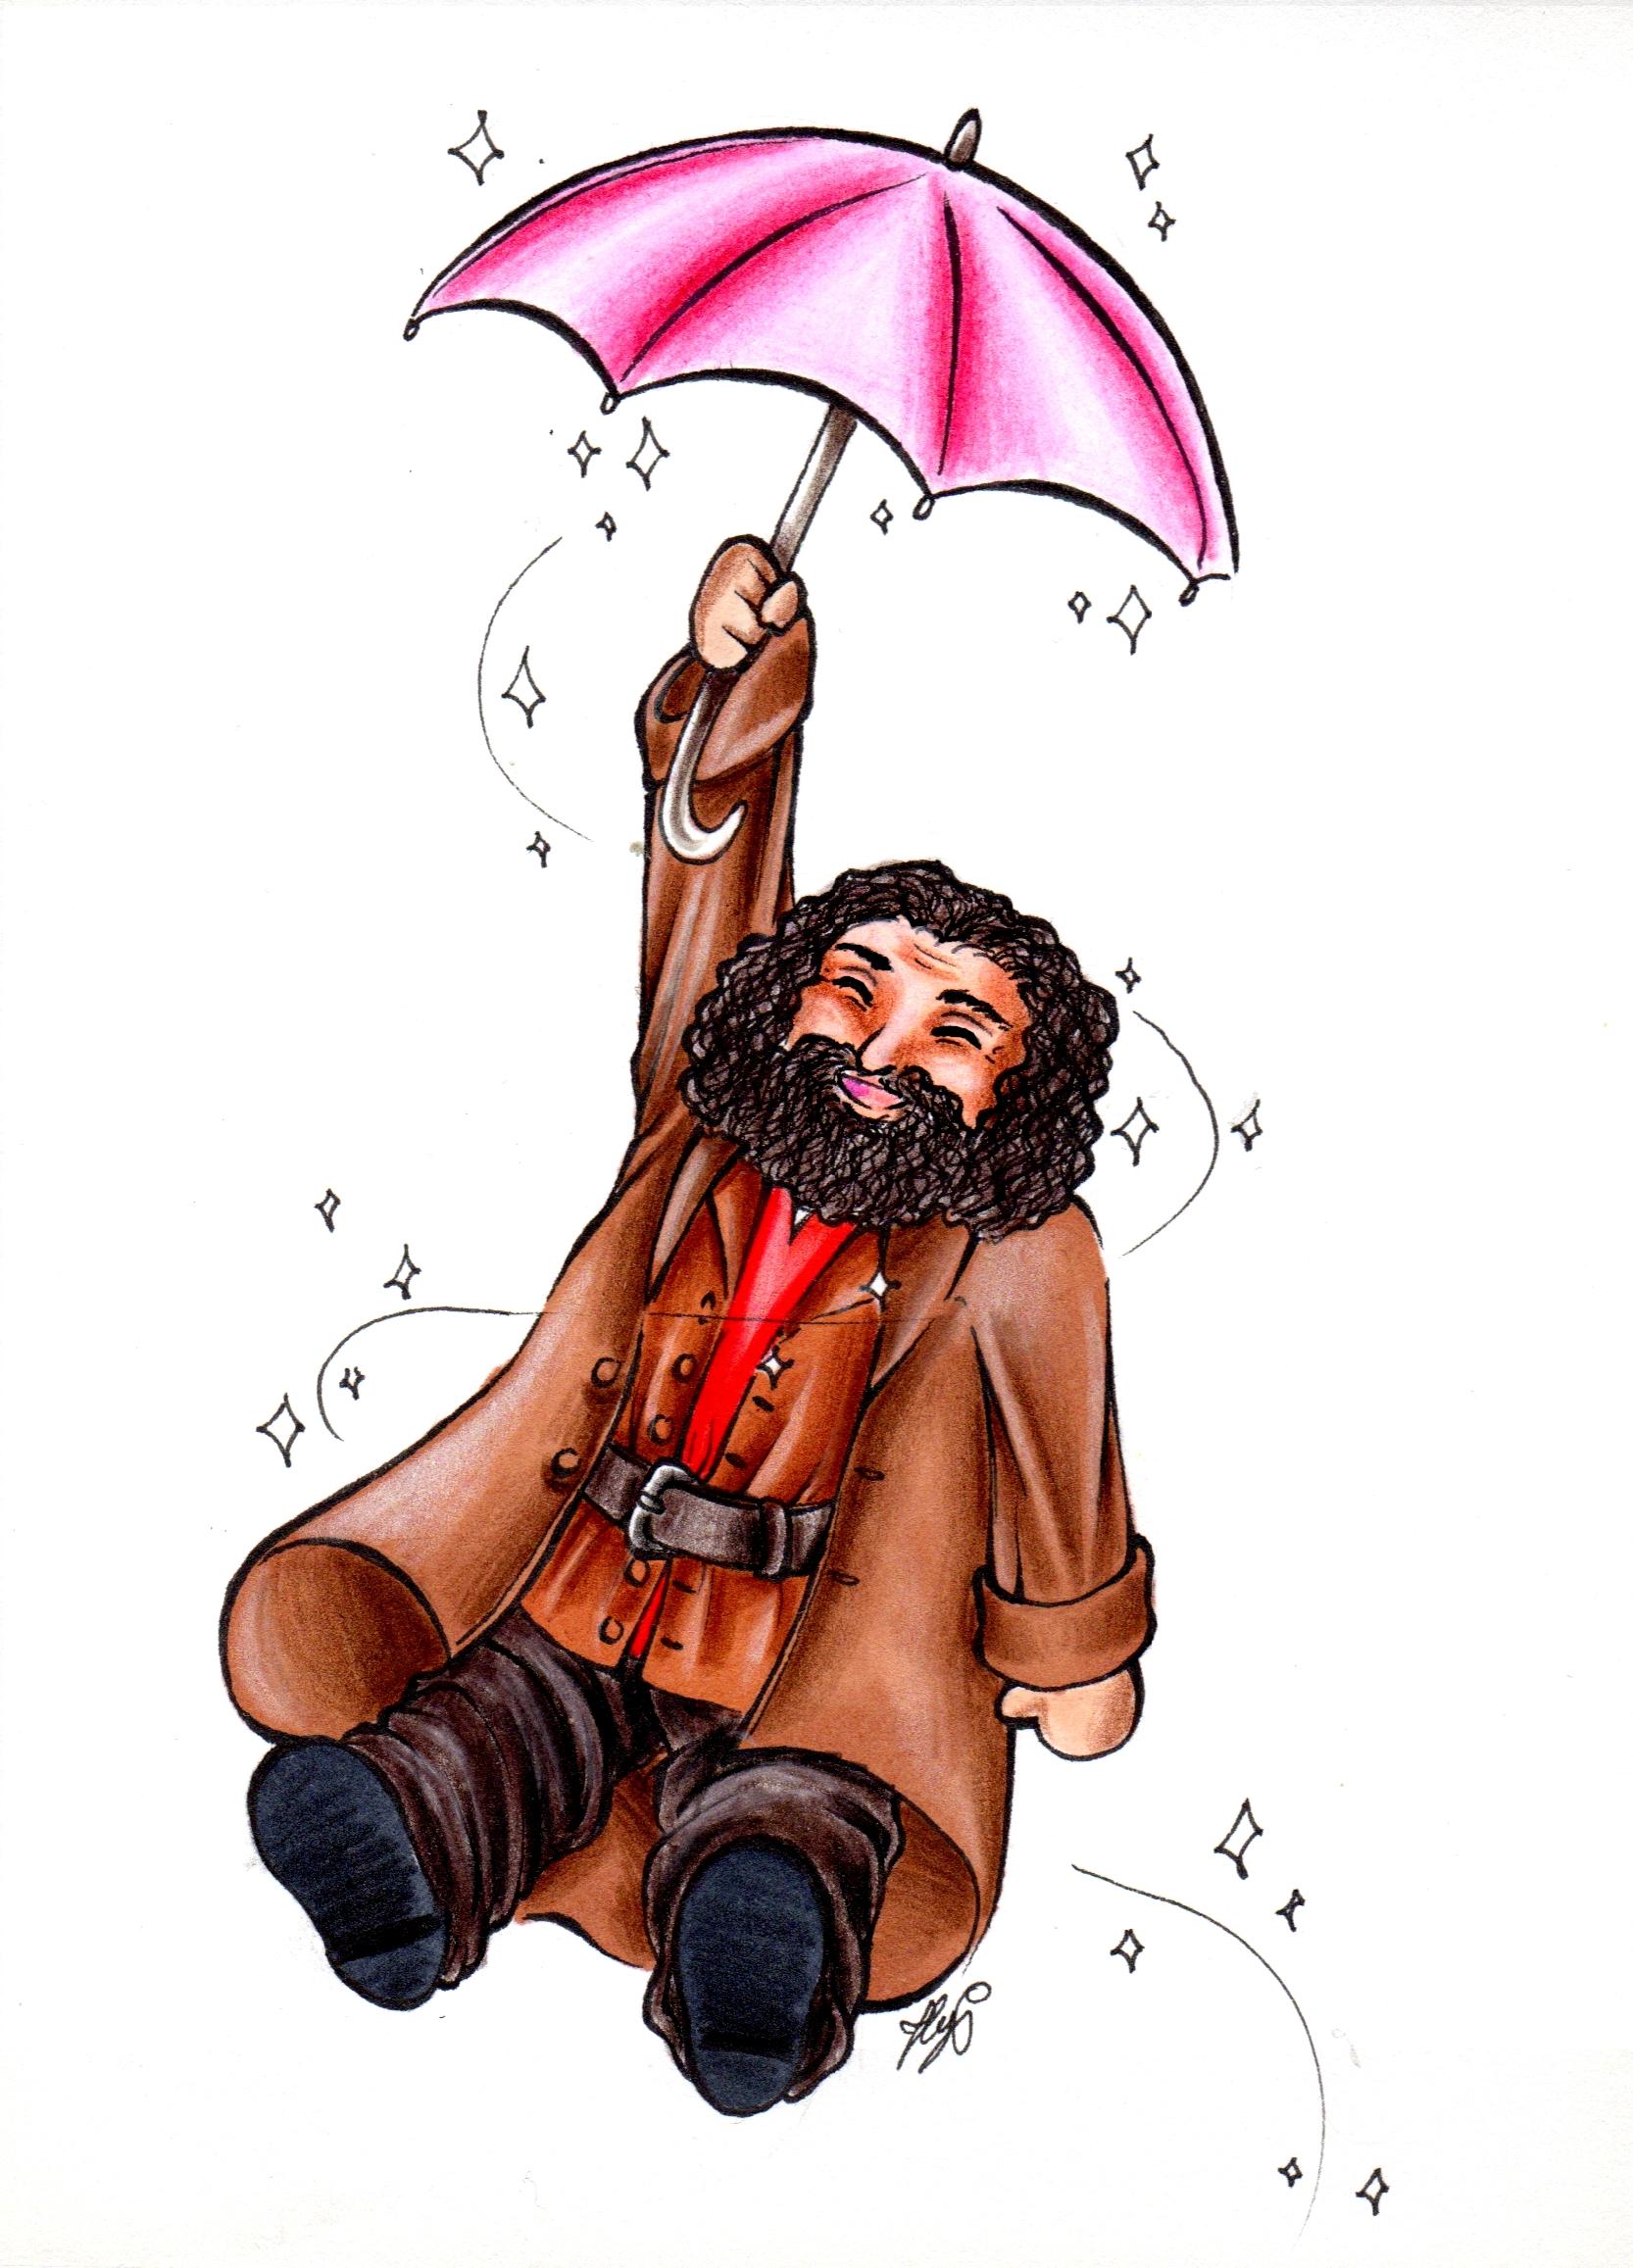 Rubeus Hagrid s'envole avec son parapluie magique